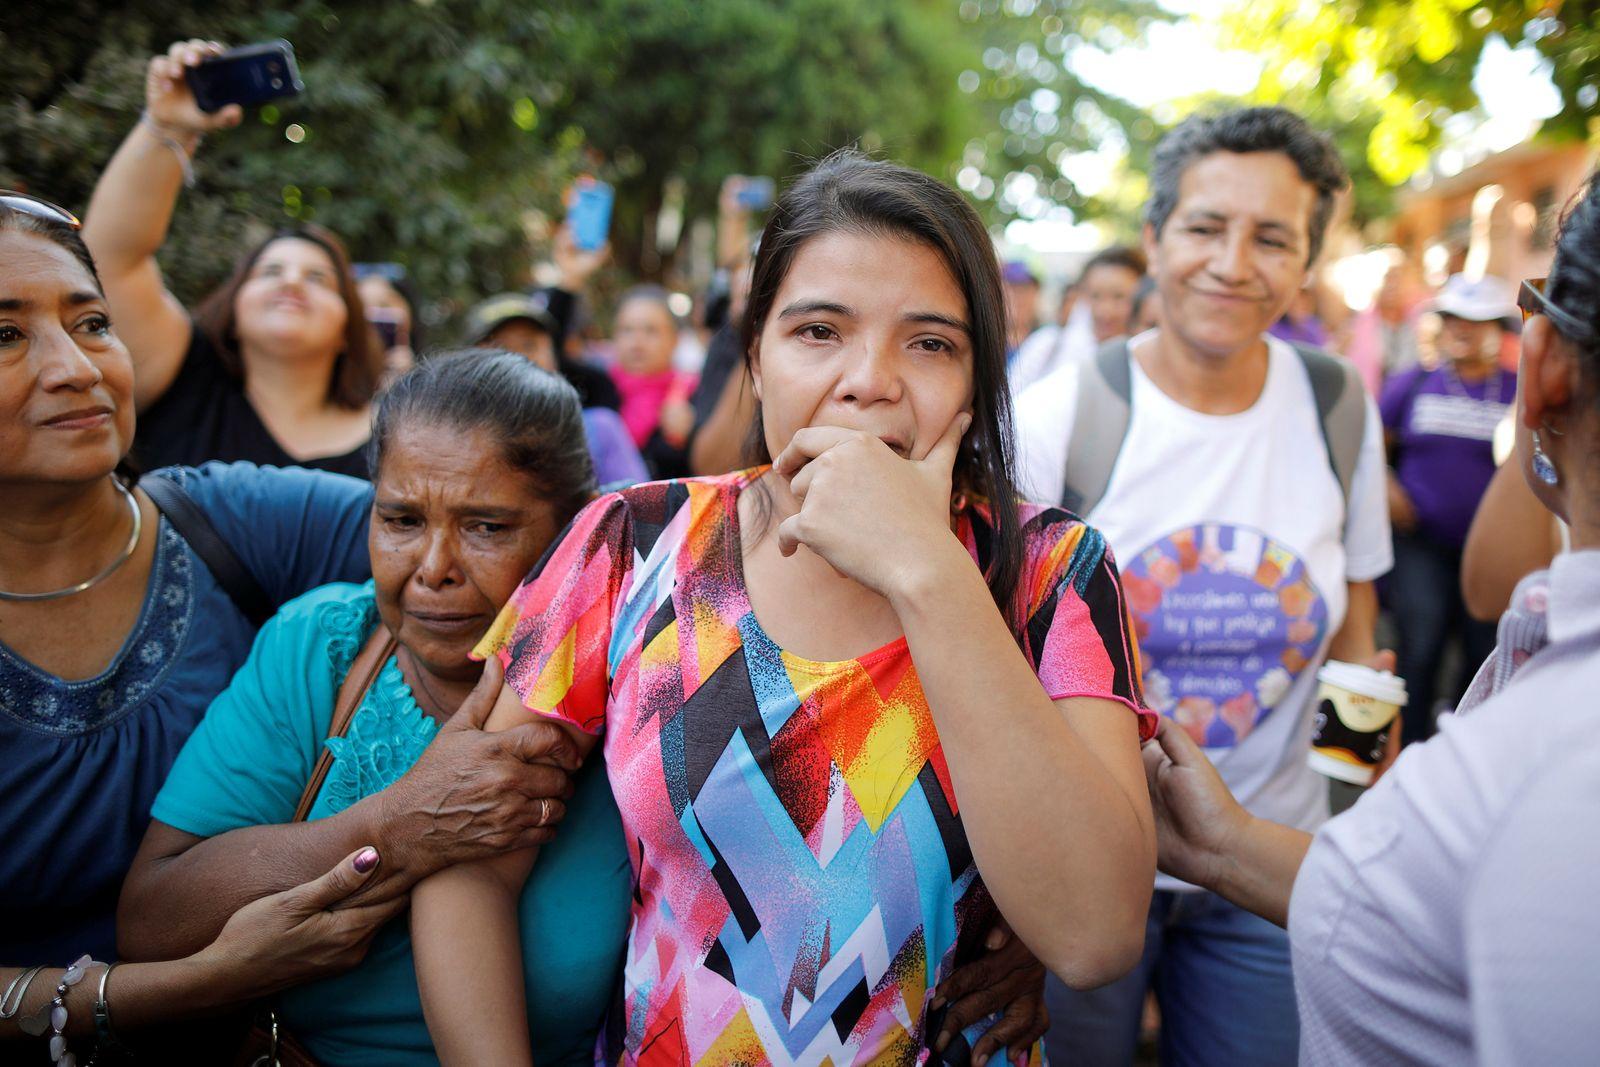 EL SALVADOR-ABORTION/